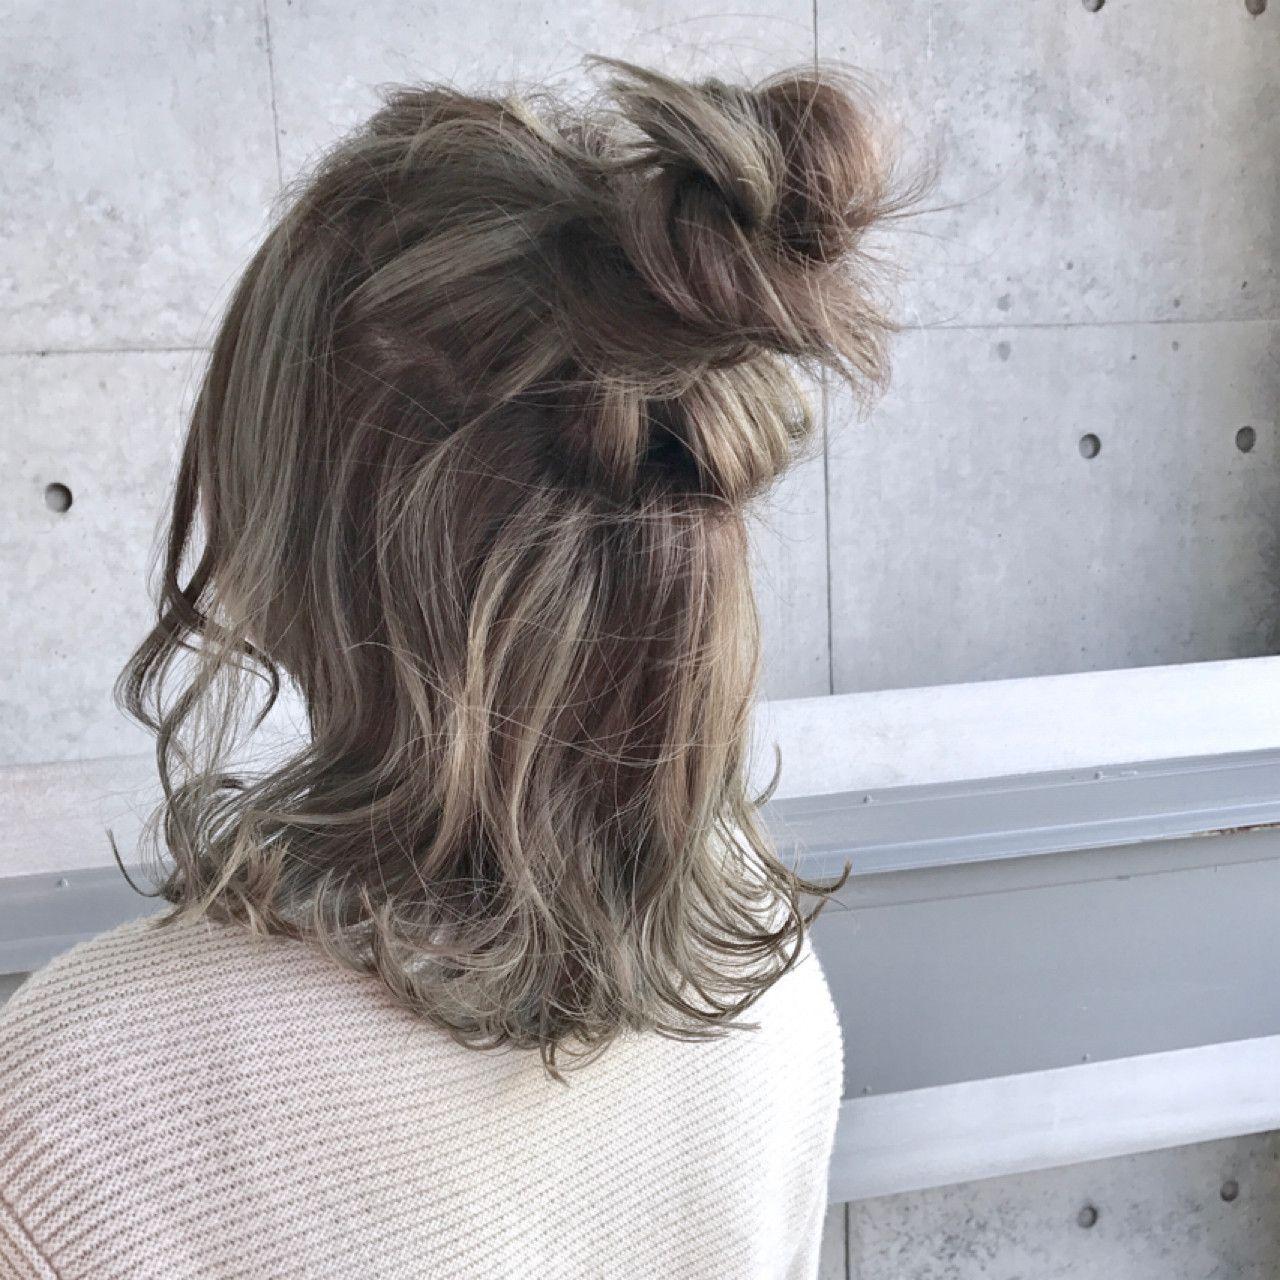 カーキアッシュ ブルーアッシュ カーキブルー 髪 色 髪 カラー